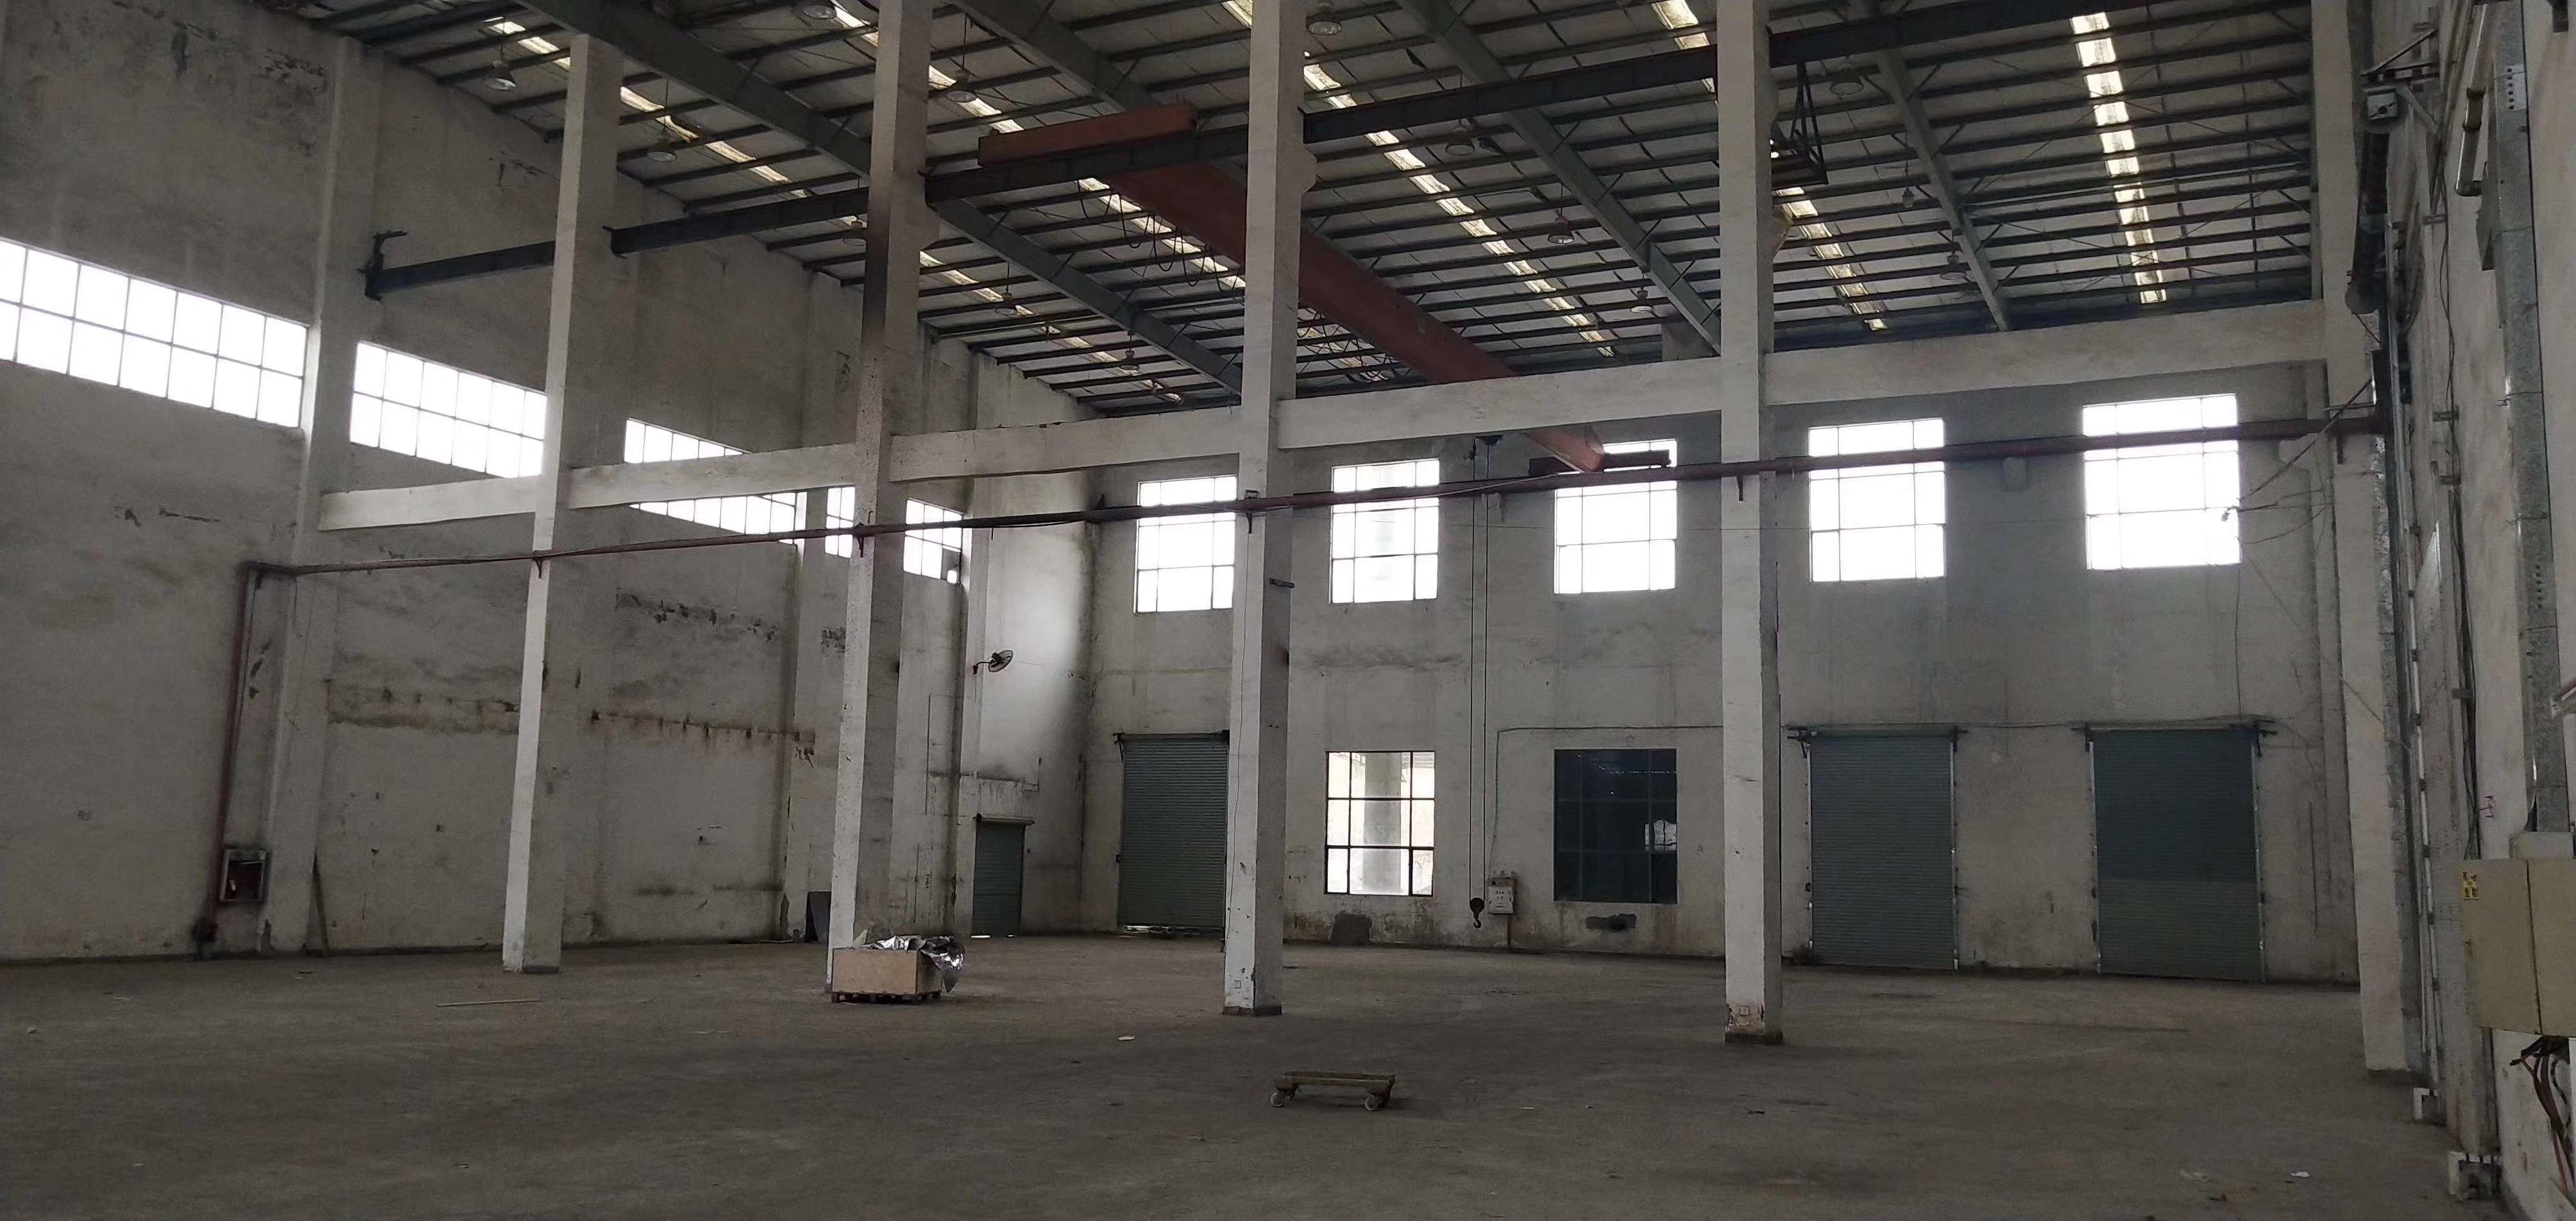 大亚湾西区一楼厂房11500平方米厂房出租滴水13米钢构